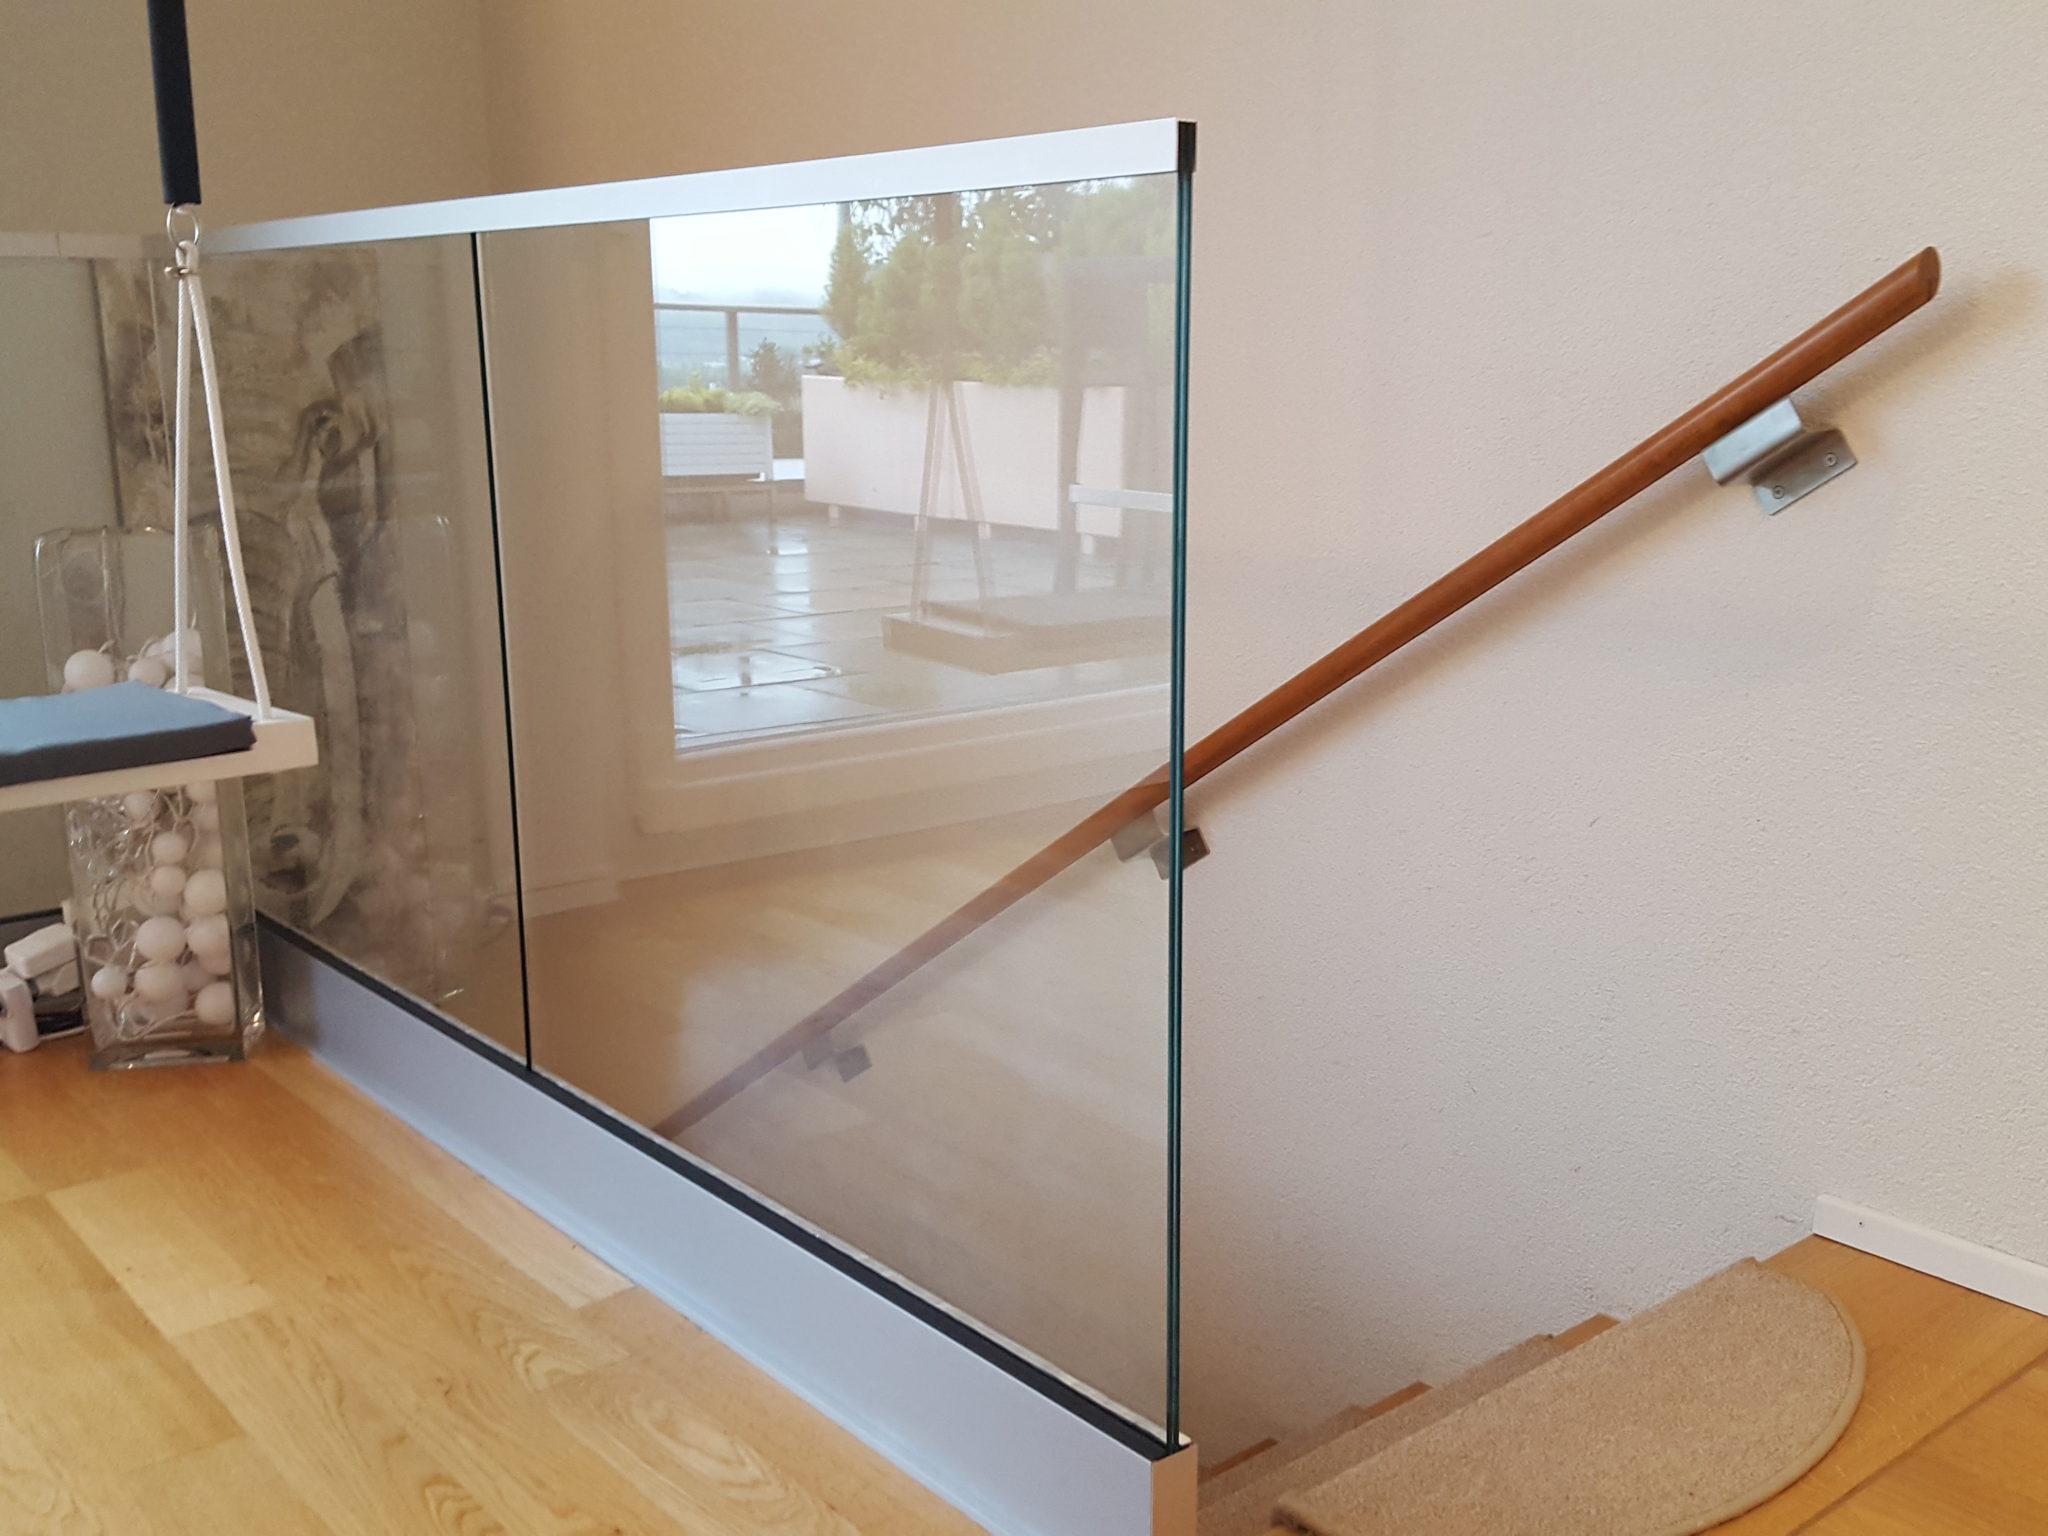 stolpefrit glasgel nder gel nder uden stolper gel. Black Bedroom Furniture Sets. Home Design Ideas